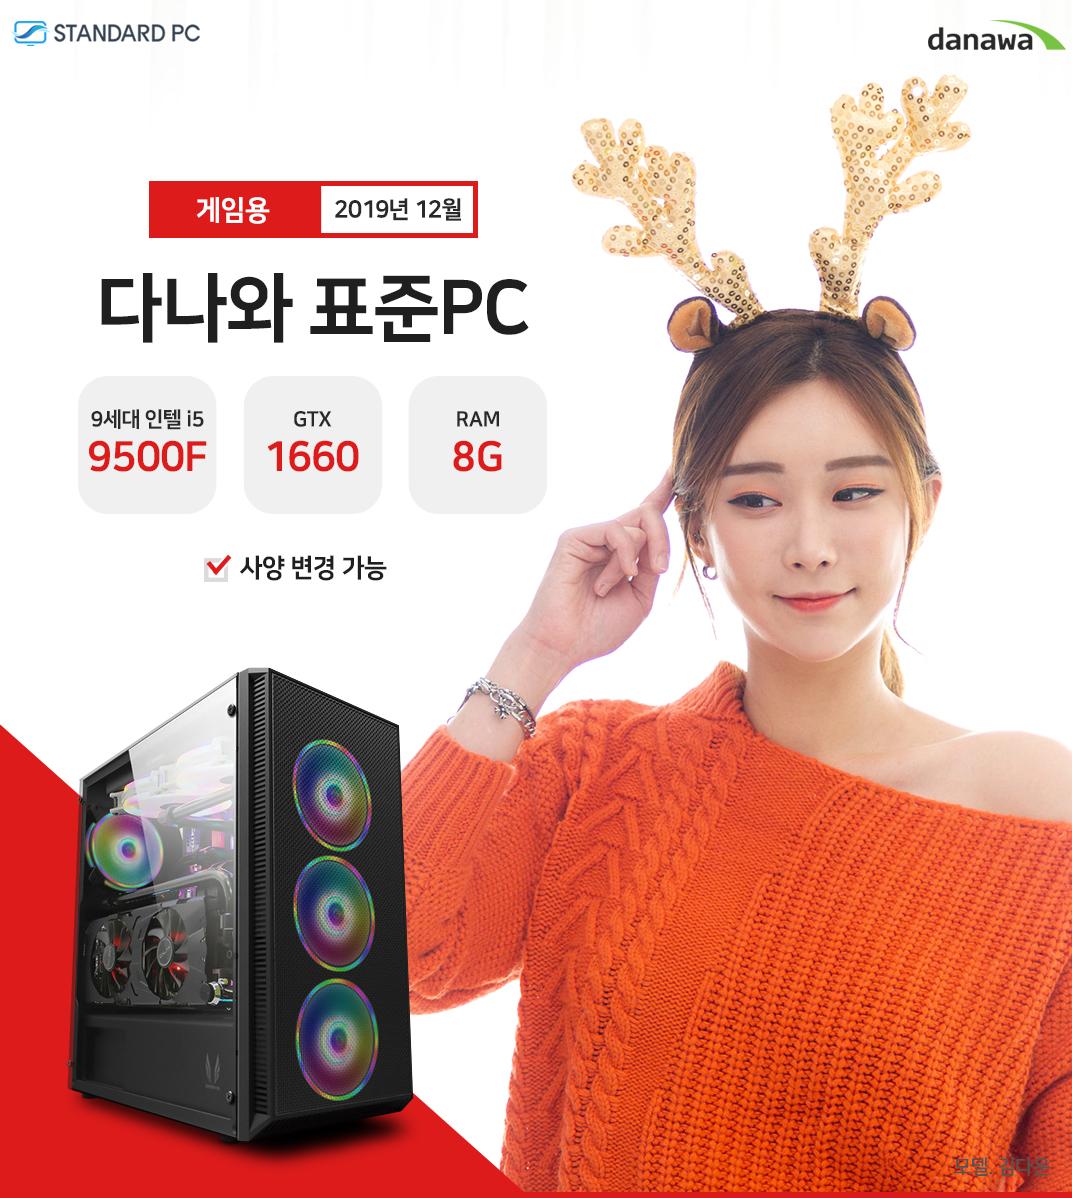 2019년 12월 다나와 표준PC 멀티디미어용 인텔 i5-9세대 9400F GTX1660 RAM 8G 모델 김다운